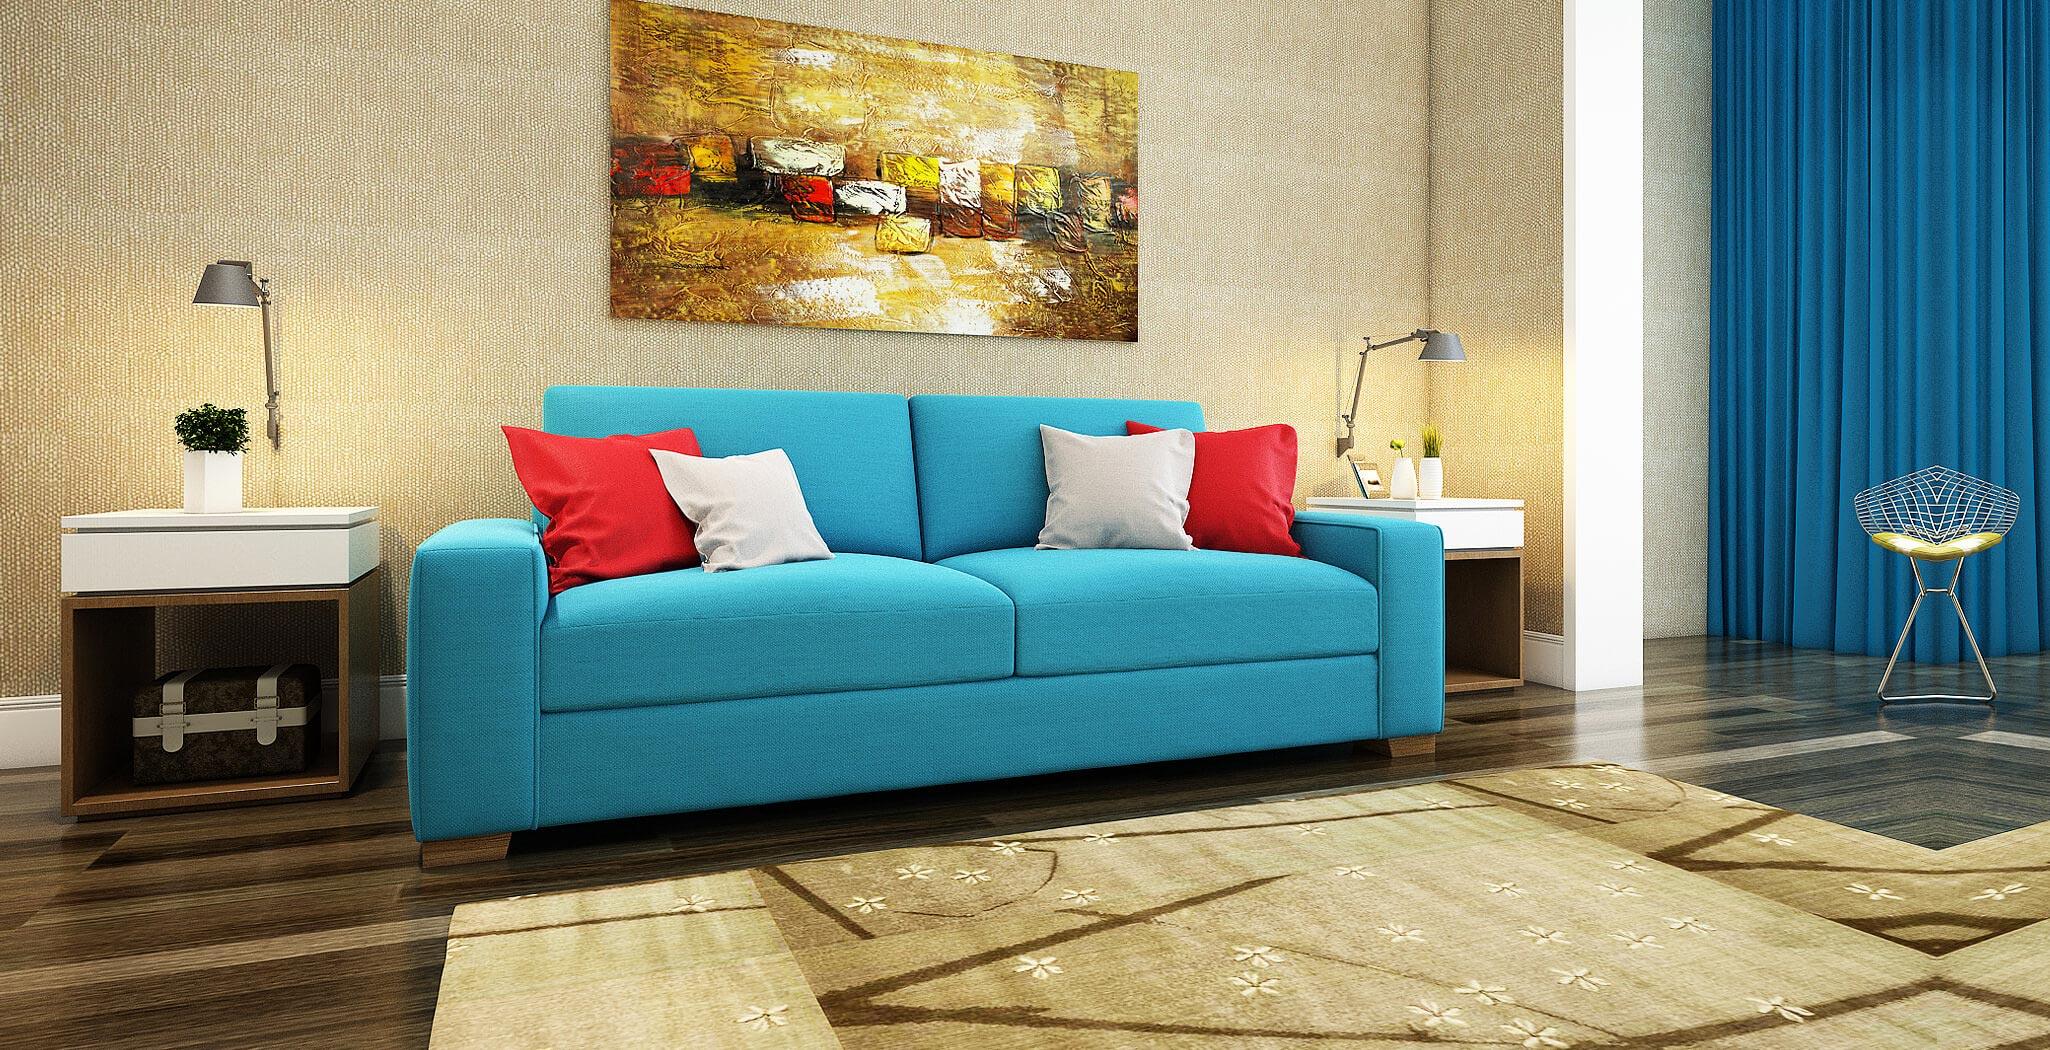 monaco sofa furniture gallery 5